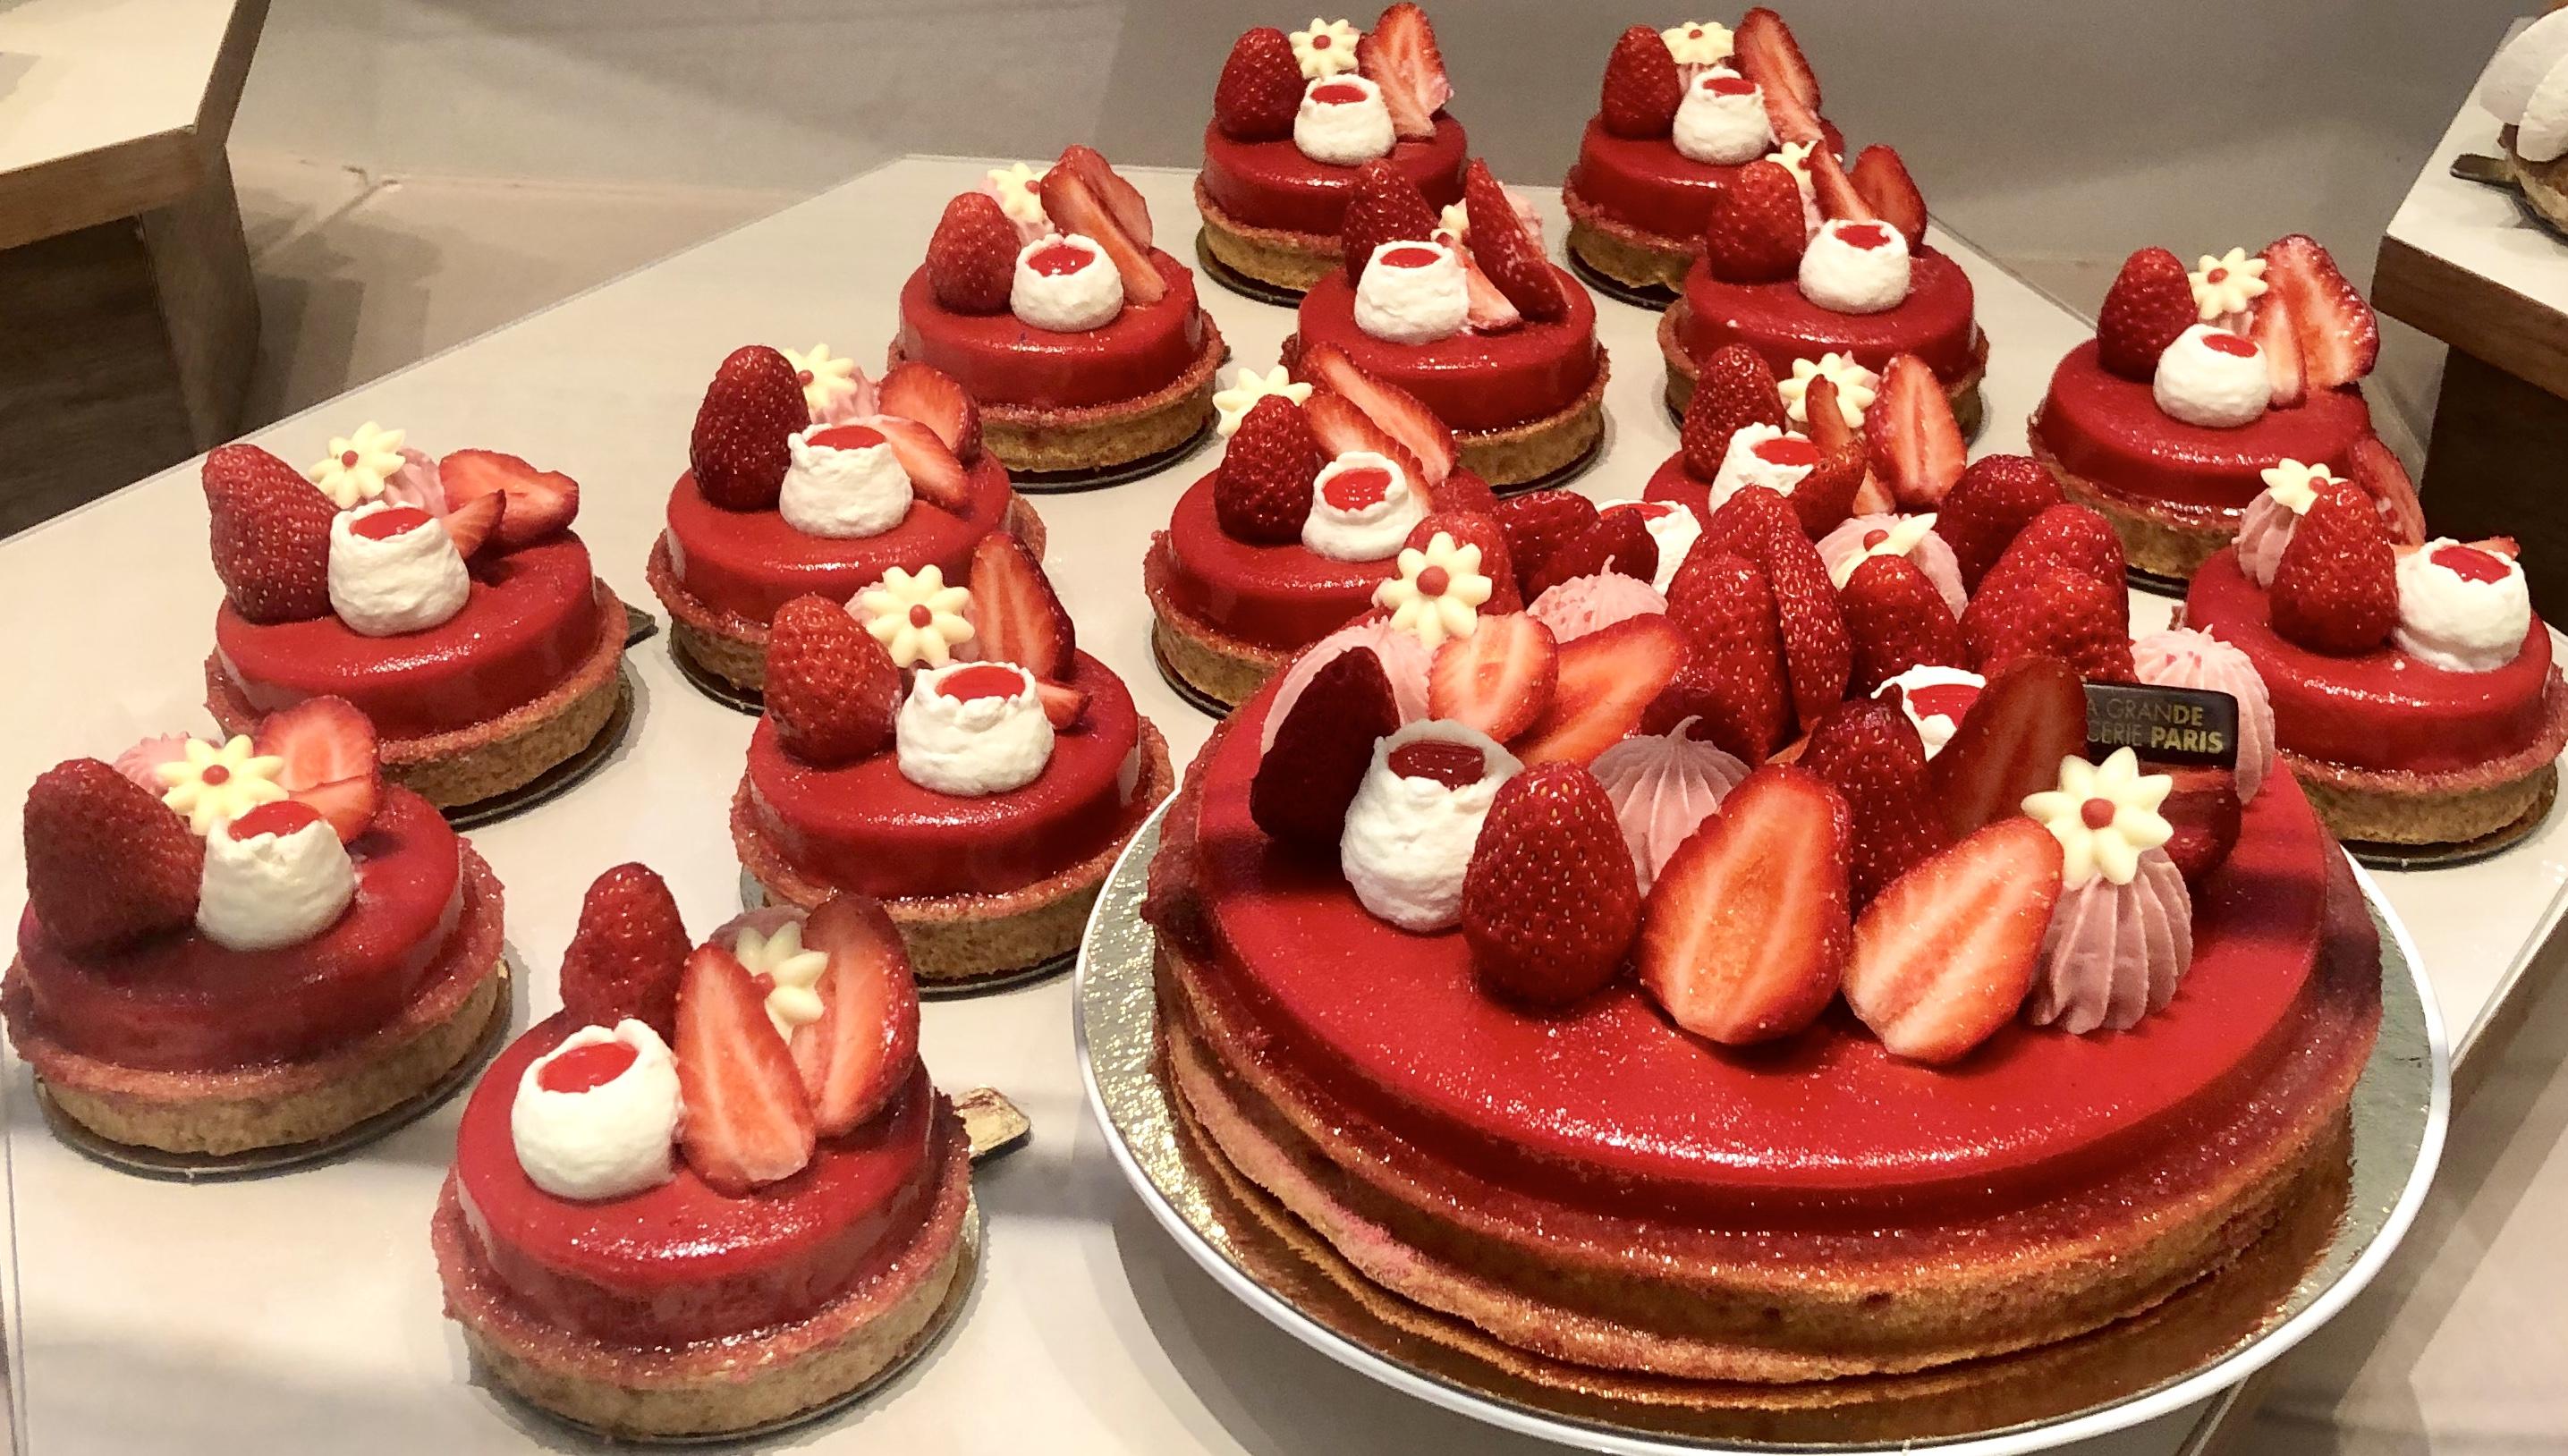 パリのパティスリー パリのケーキ